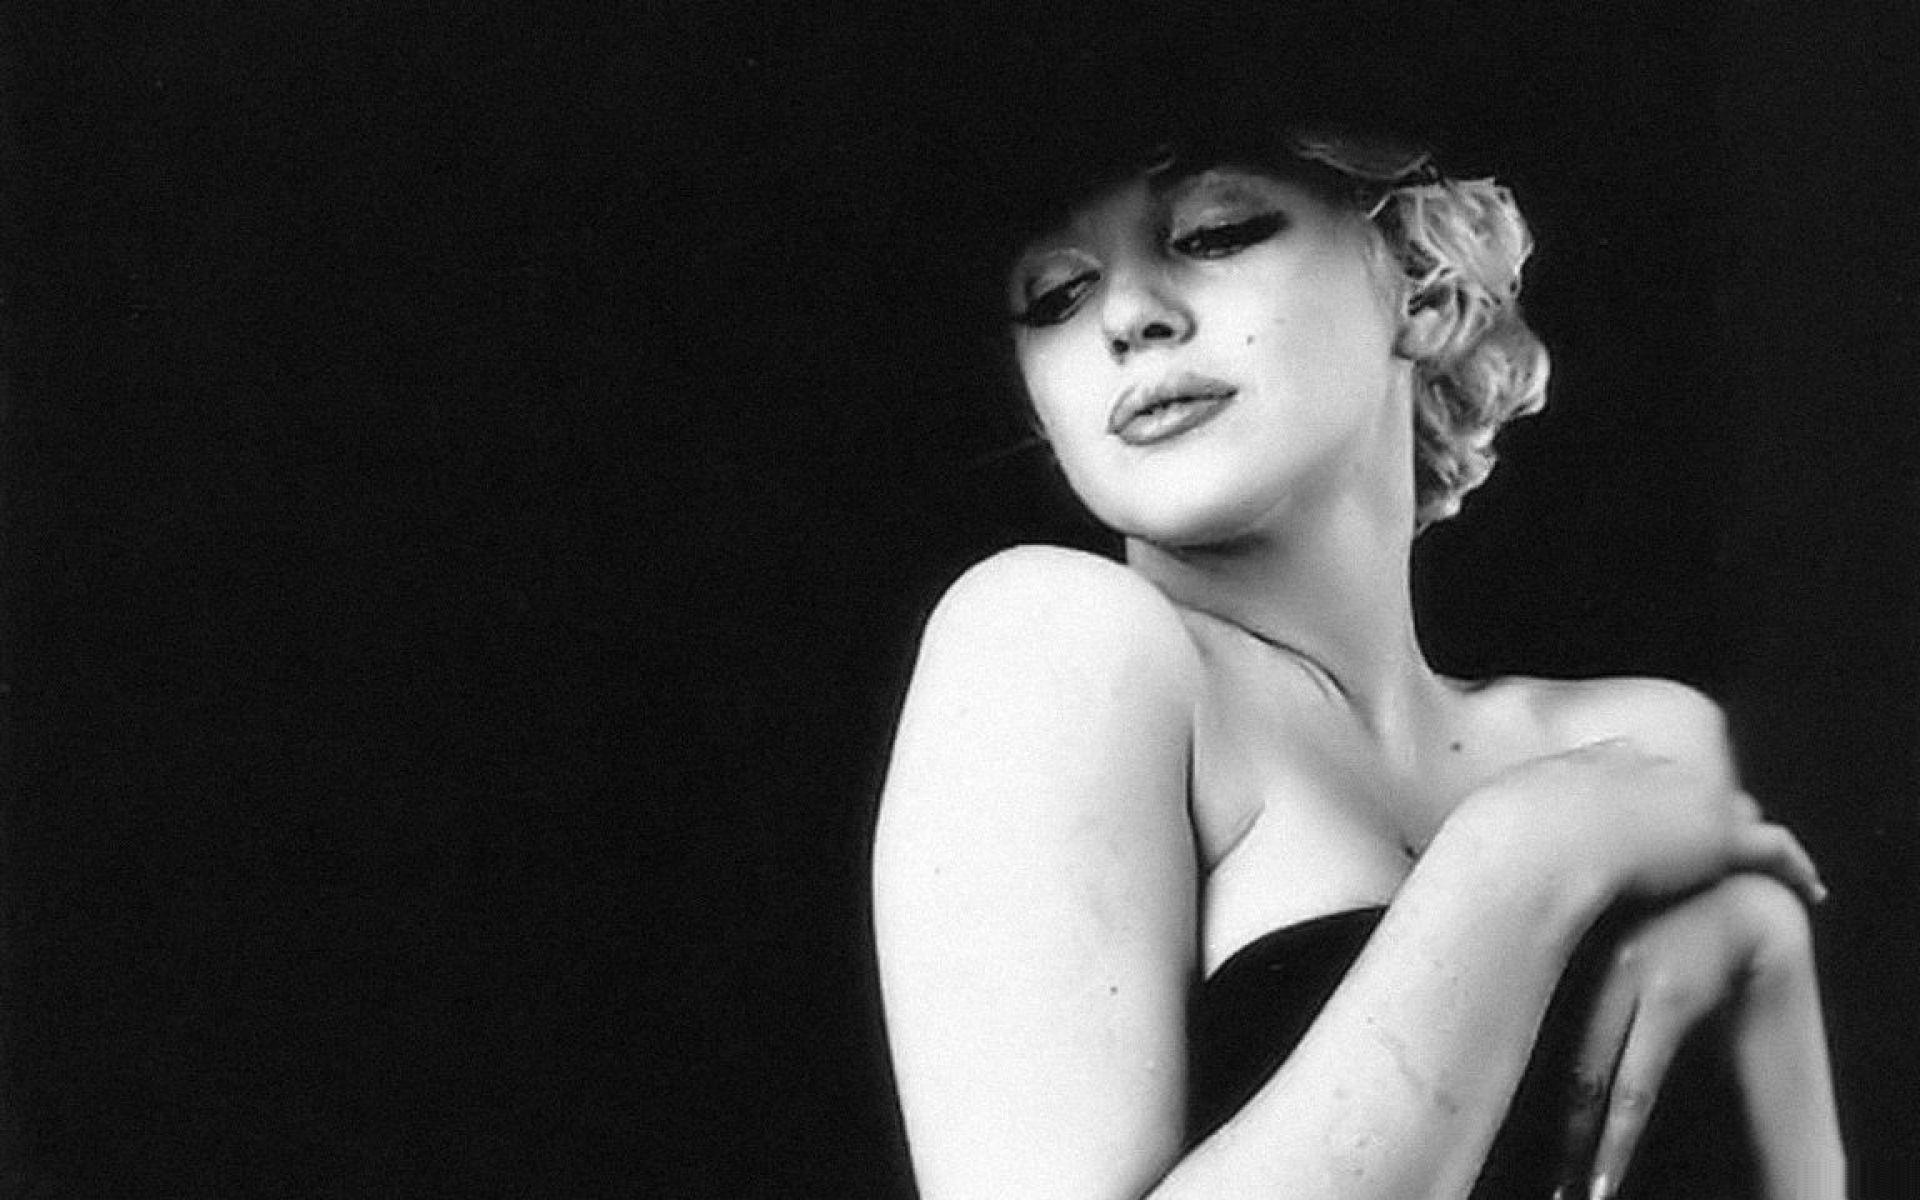 Marilyn Monroe Wallpaper Black And White 14907 Full HD Wallpaper ...